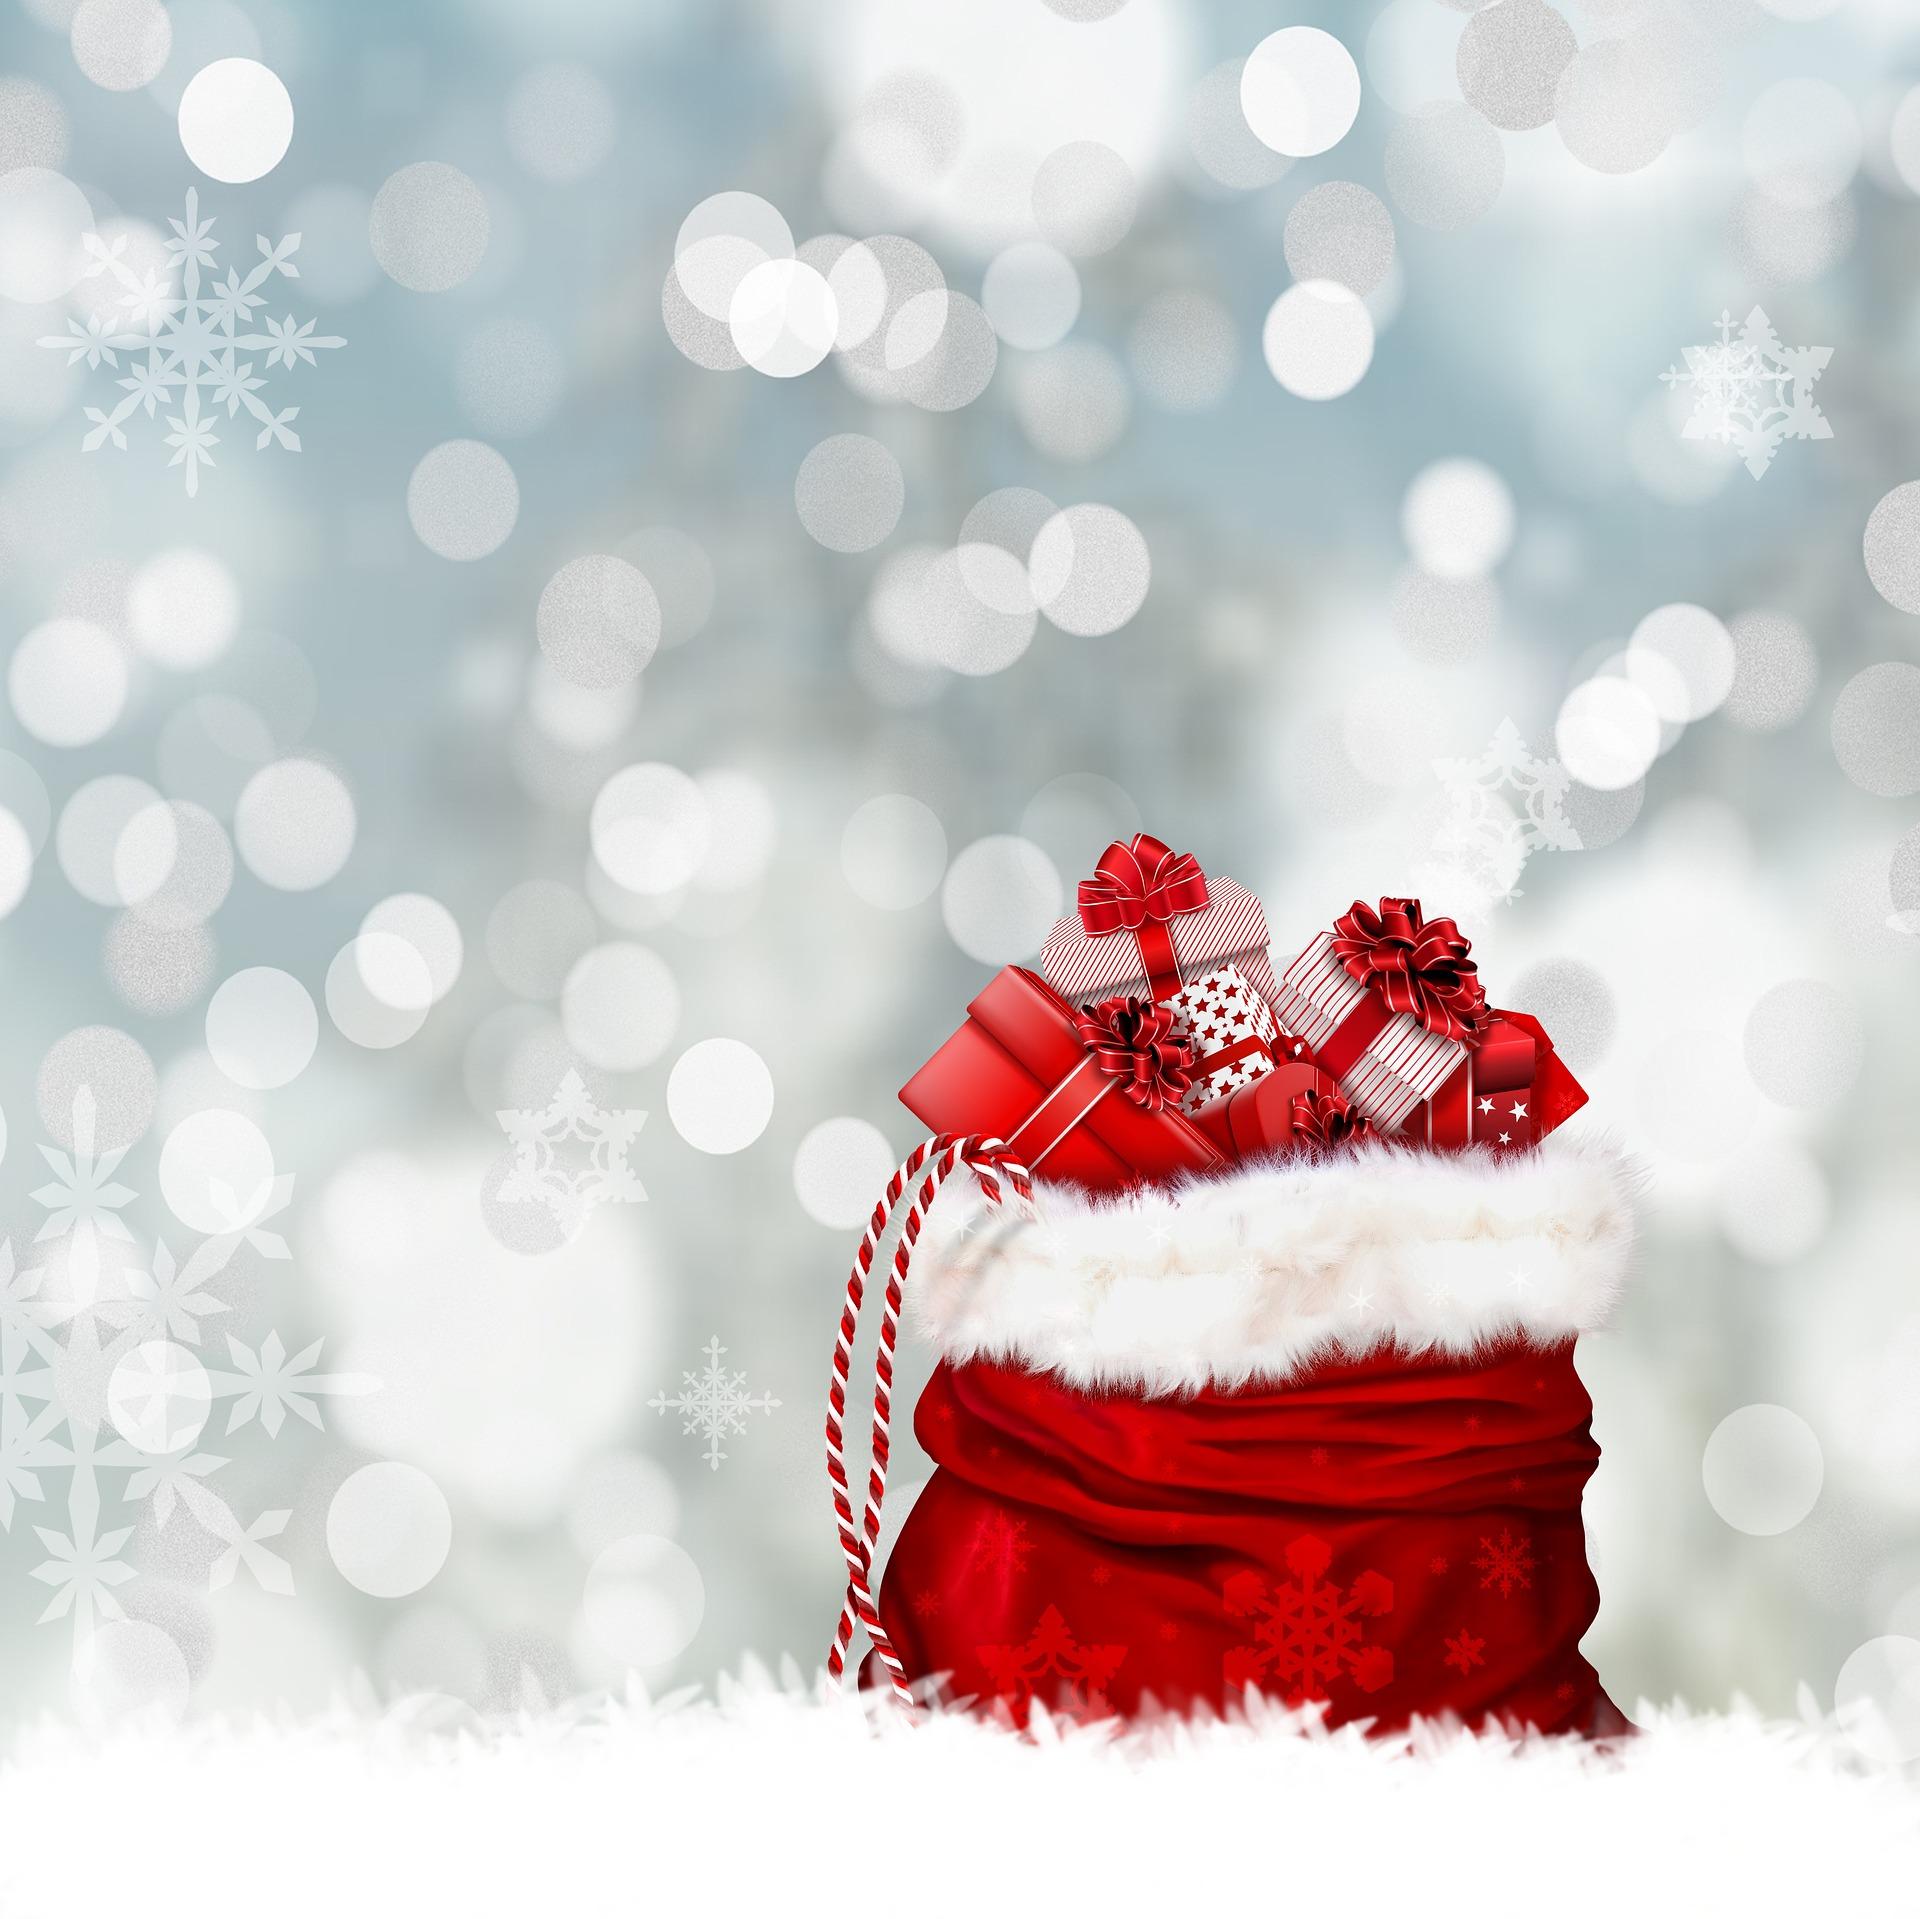 Petit guide à destination des chercheurs de cadeaux aromatiques (noel 2018)